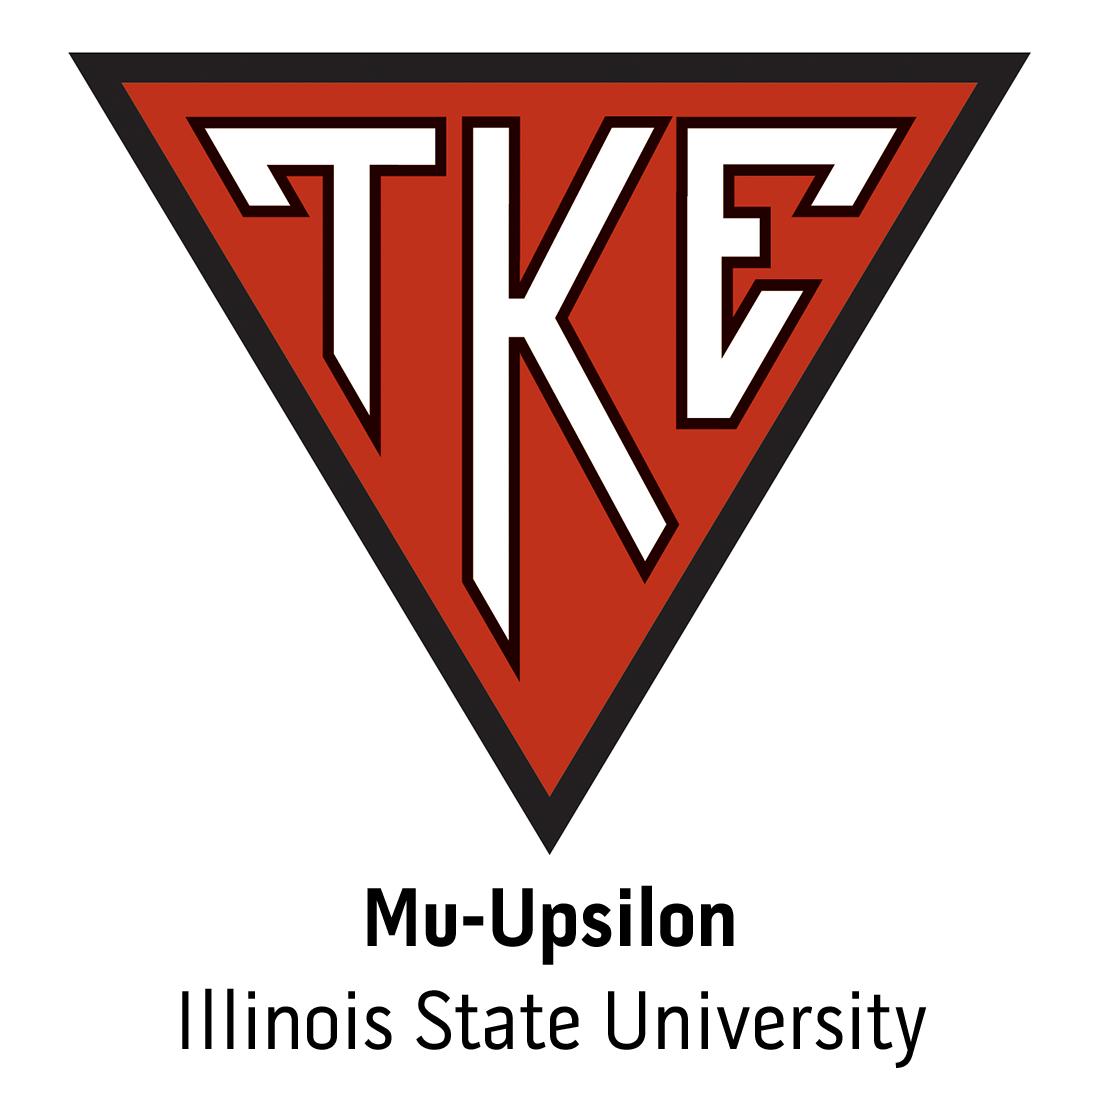 Mu-Upsilon Chapter at Illinois State University